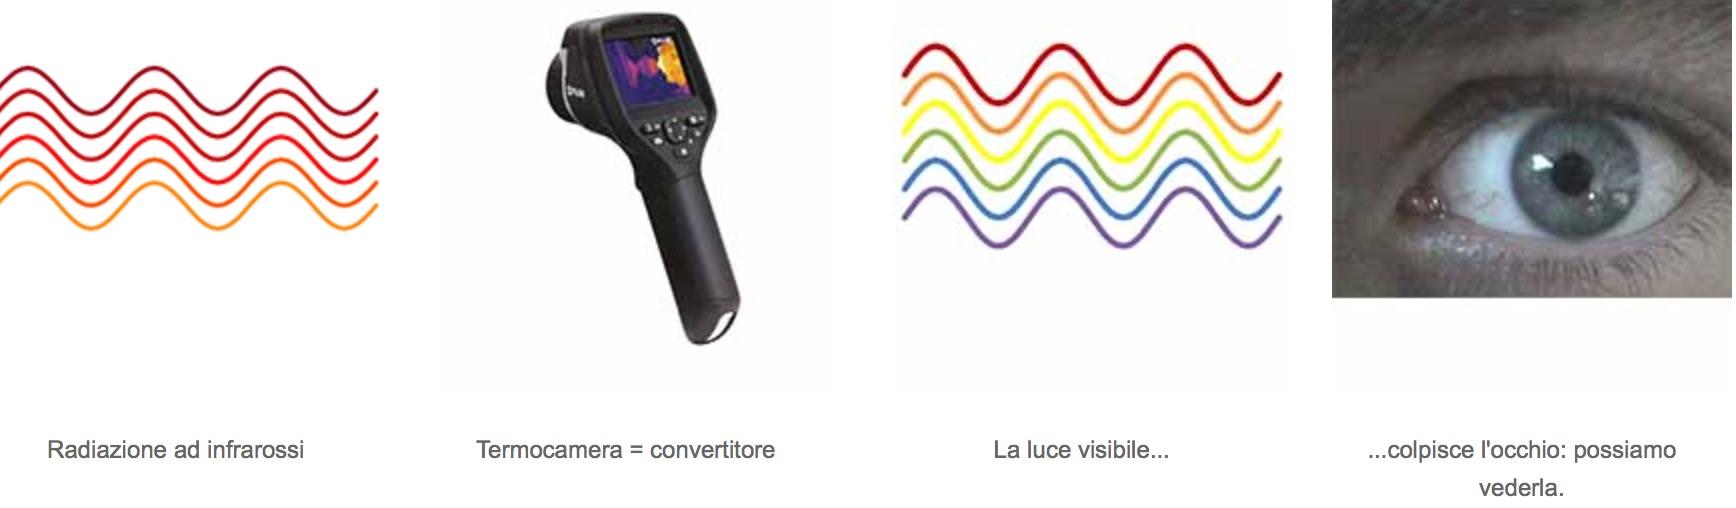 termografia - conversione onde elettromagnetiche